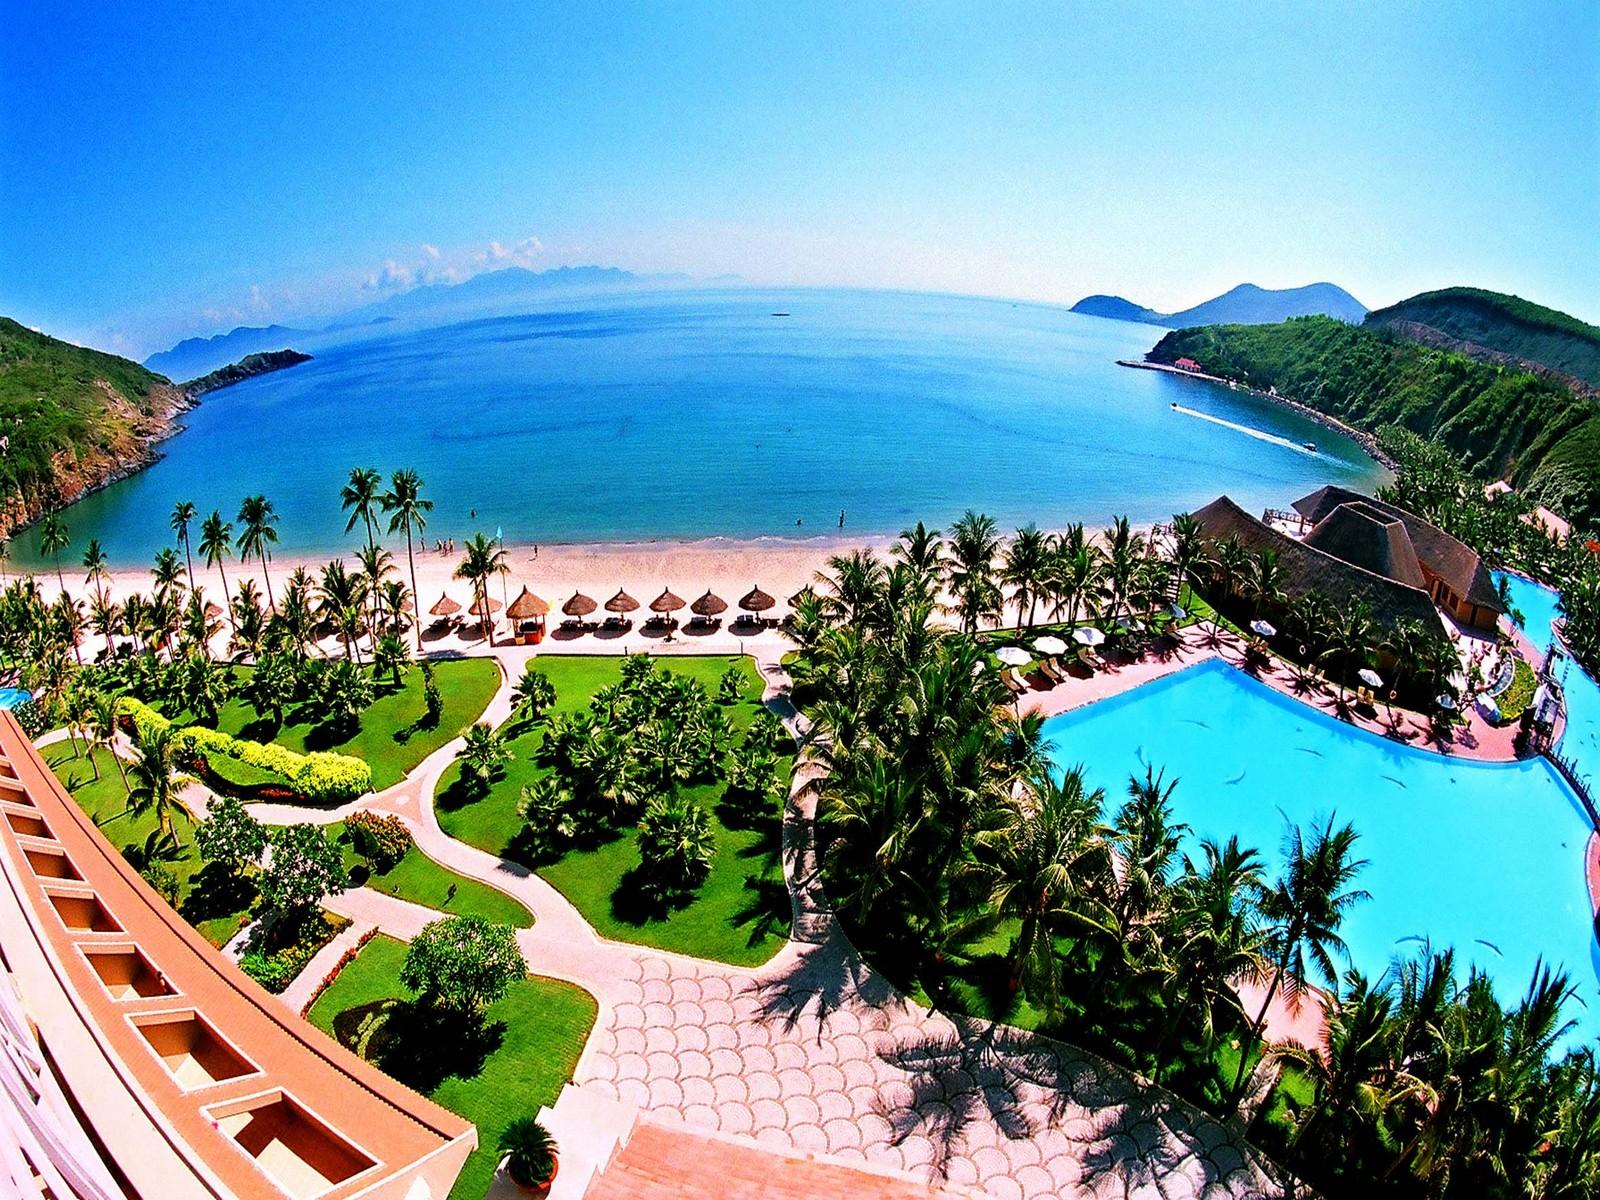 Kết quả hình ảnh cho 10 điểm du lịch hấp dẫn ở Nha Trang